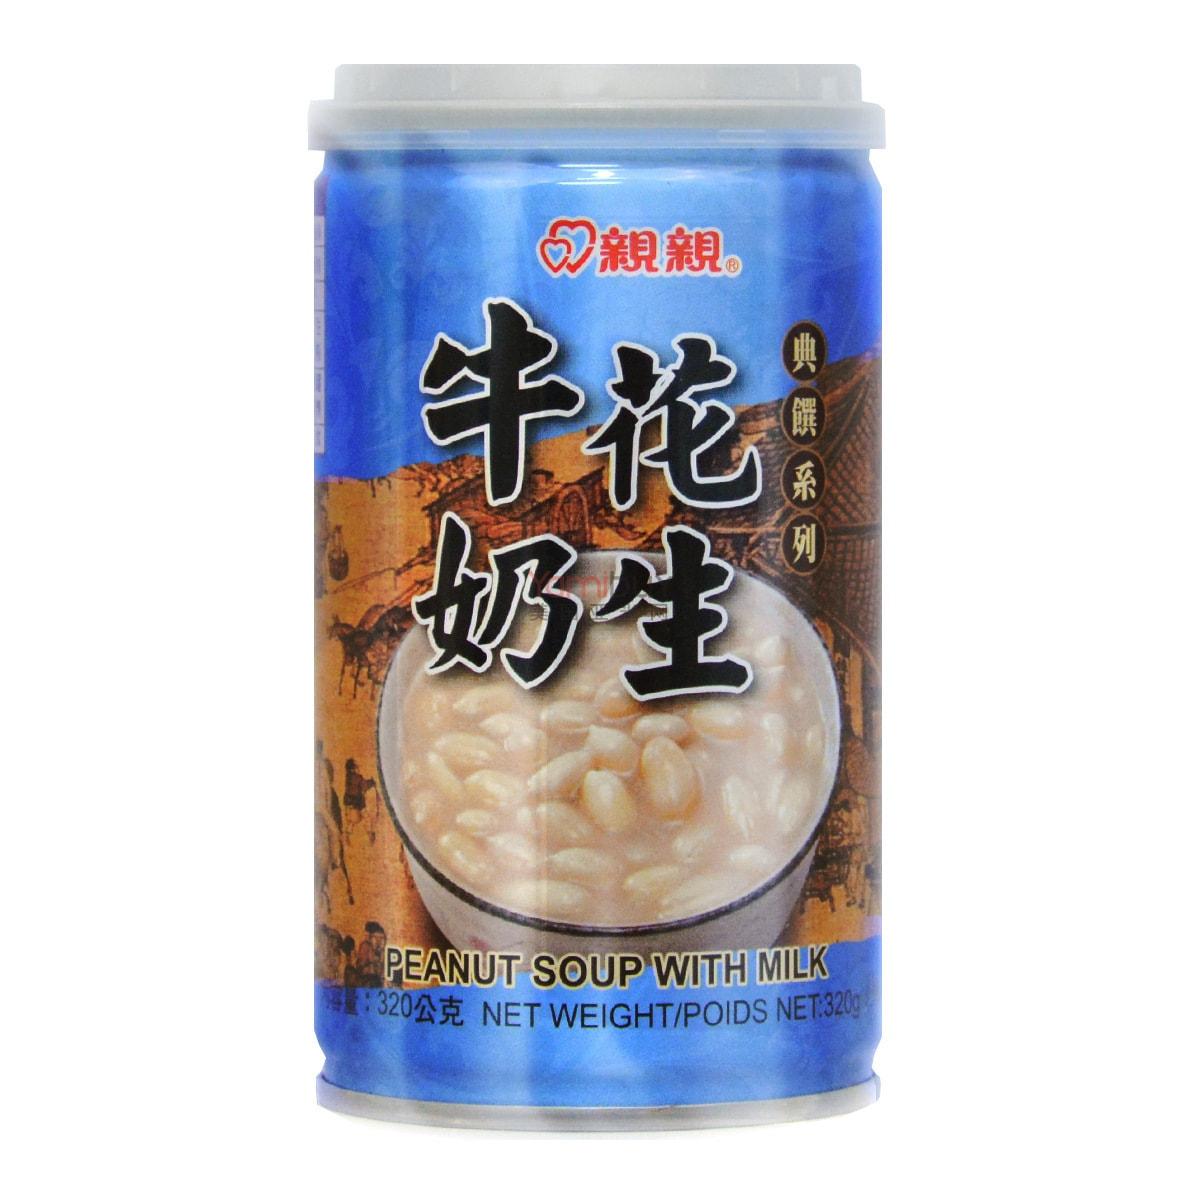 台湾亲亲 典选系列 牛奶花生 320g